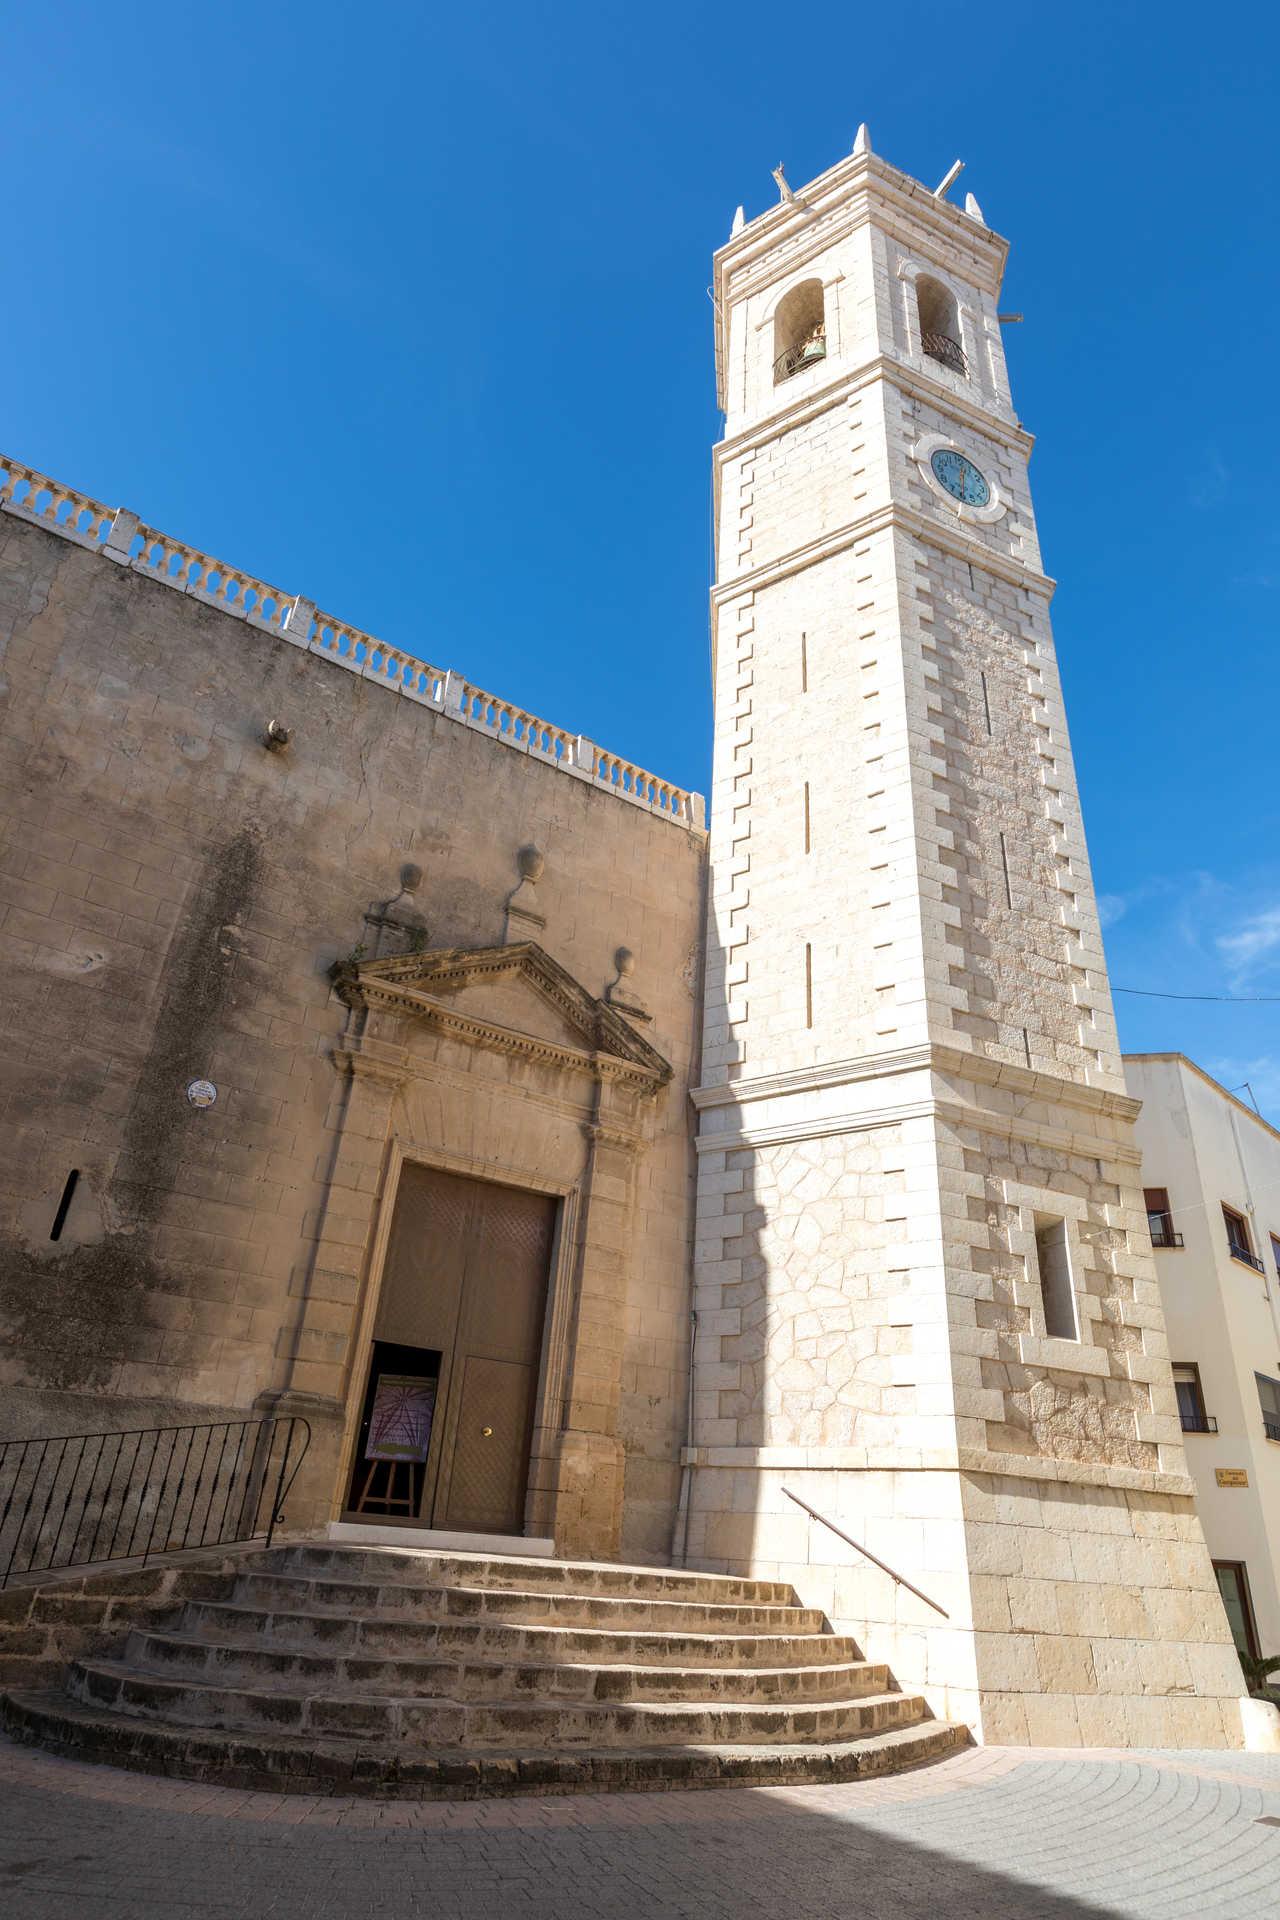 Parrish Church of Santa Caterina